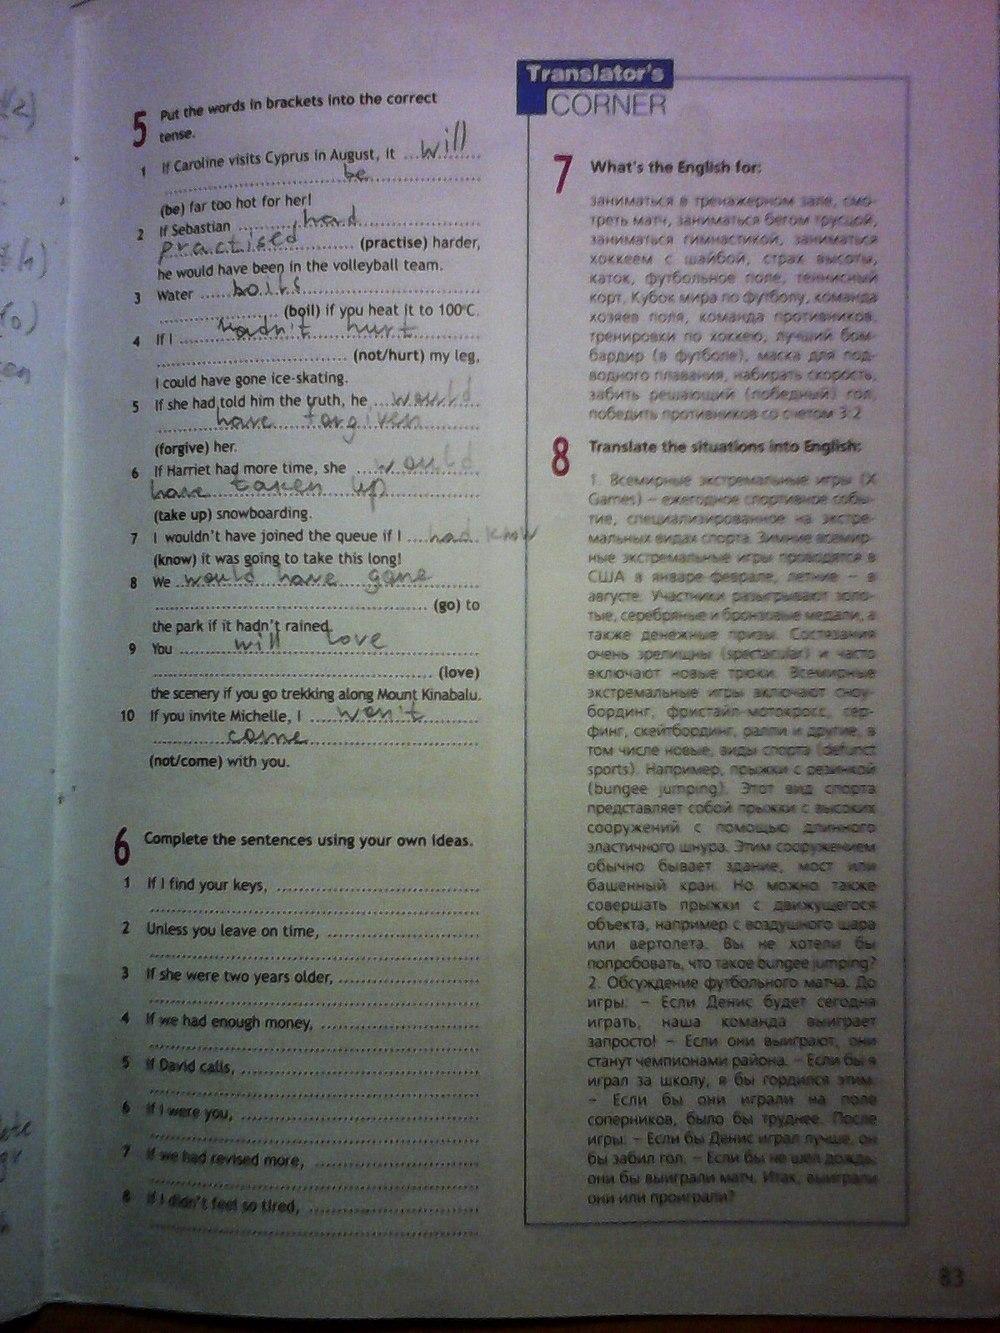 virginia класс 6 по тетрадь рабочая решебник английскому